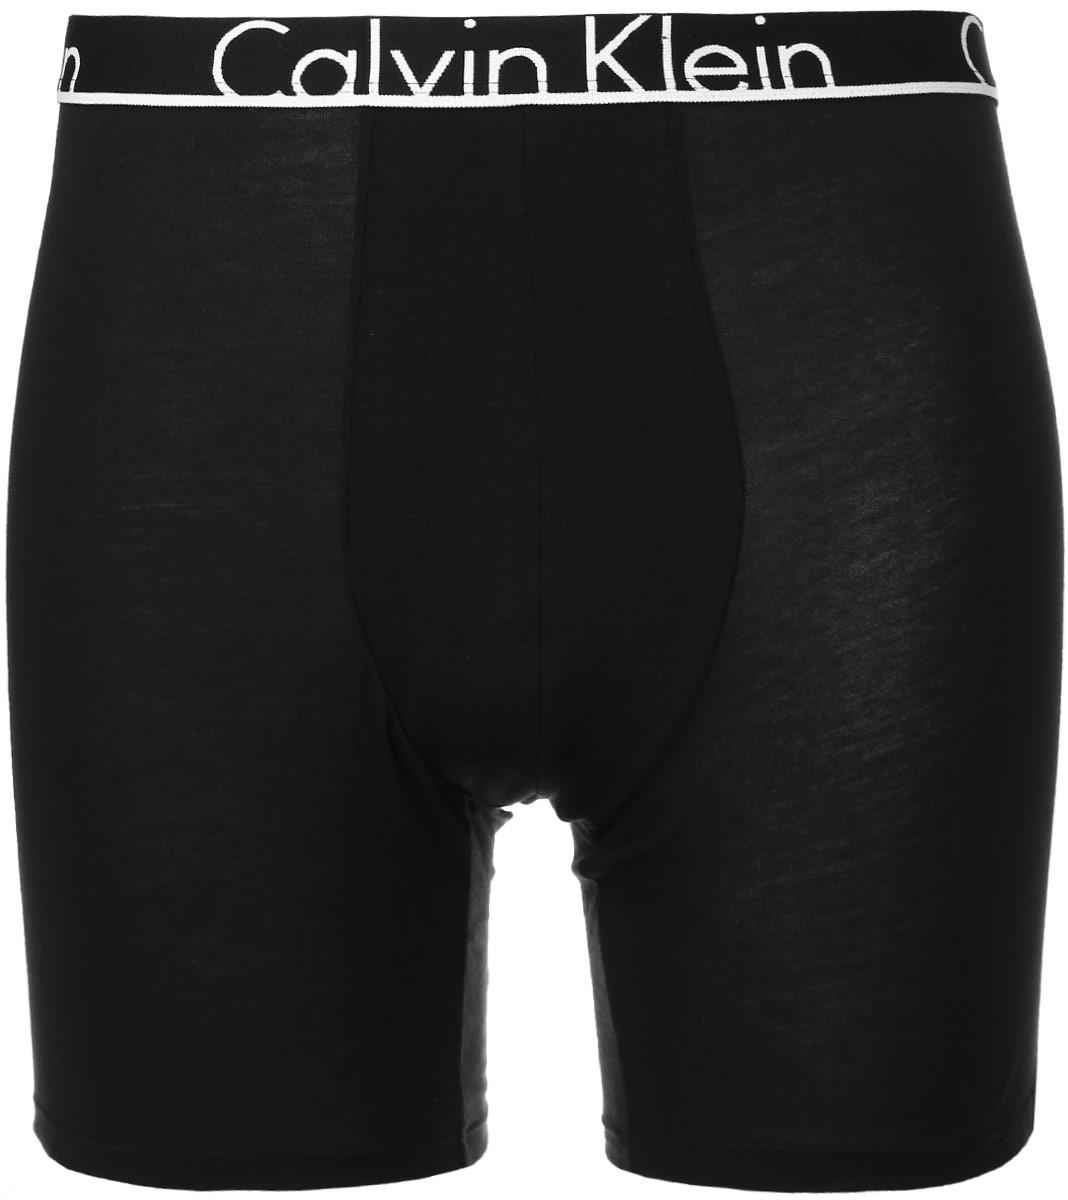 Трусы-боксеры мужские Calvin Klein Underwear, цвет: черный. NU8640A. Размер S (46)NU8640AУдобные трусы-боксеры Calvin Klein Underwear из серии Boxer Brief выполнены из хлопка с добавлением эластана. Удобная посадка, плоские швы и резинка на талии обеспечат наибольший комфорт. Резинка оформлена названием бренда. Модель создана для тех, кто предпочитает комфорт, практичность и современный дизайн.